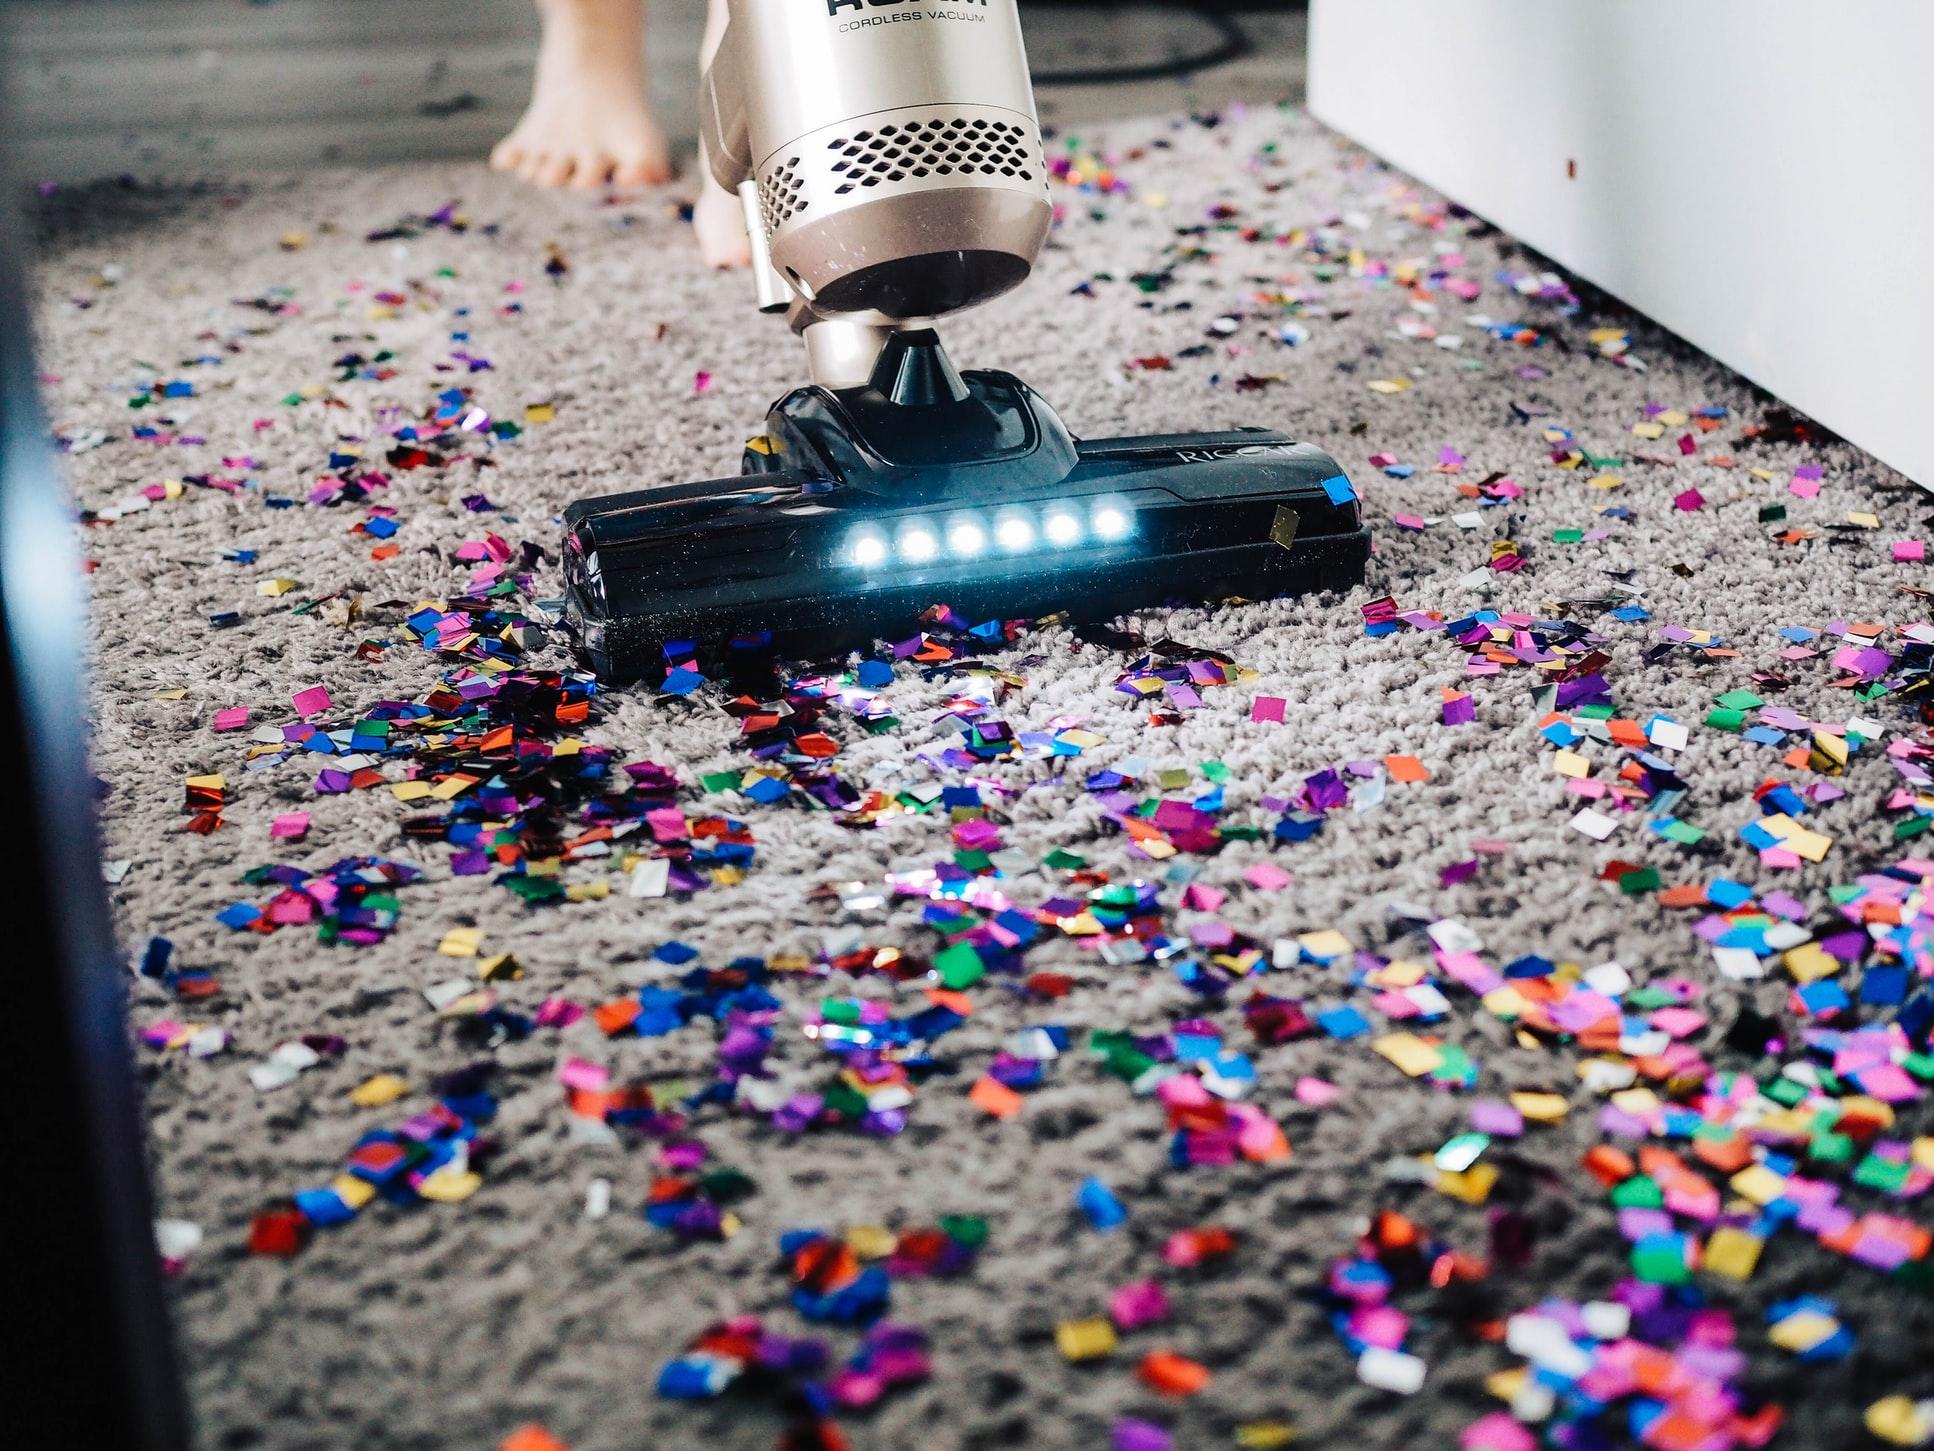 Sådan opnår du den perfekte rengøring af hjemmet